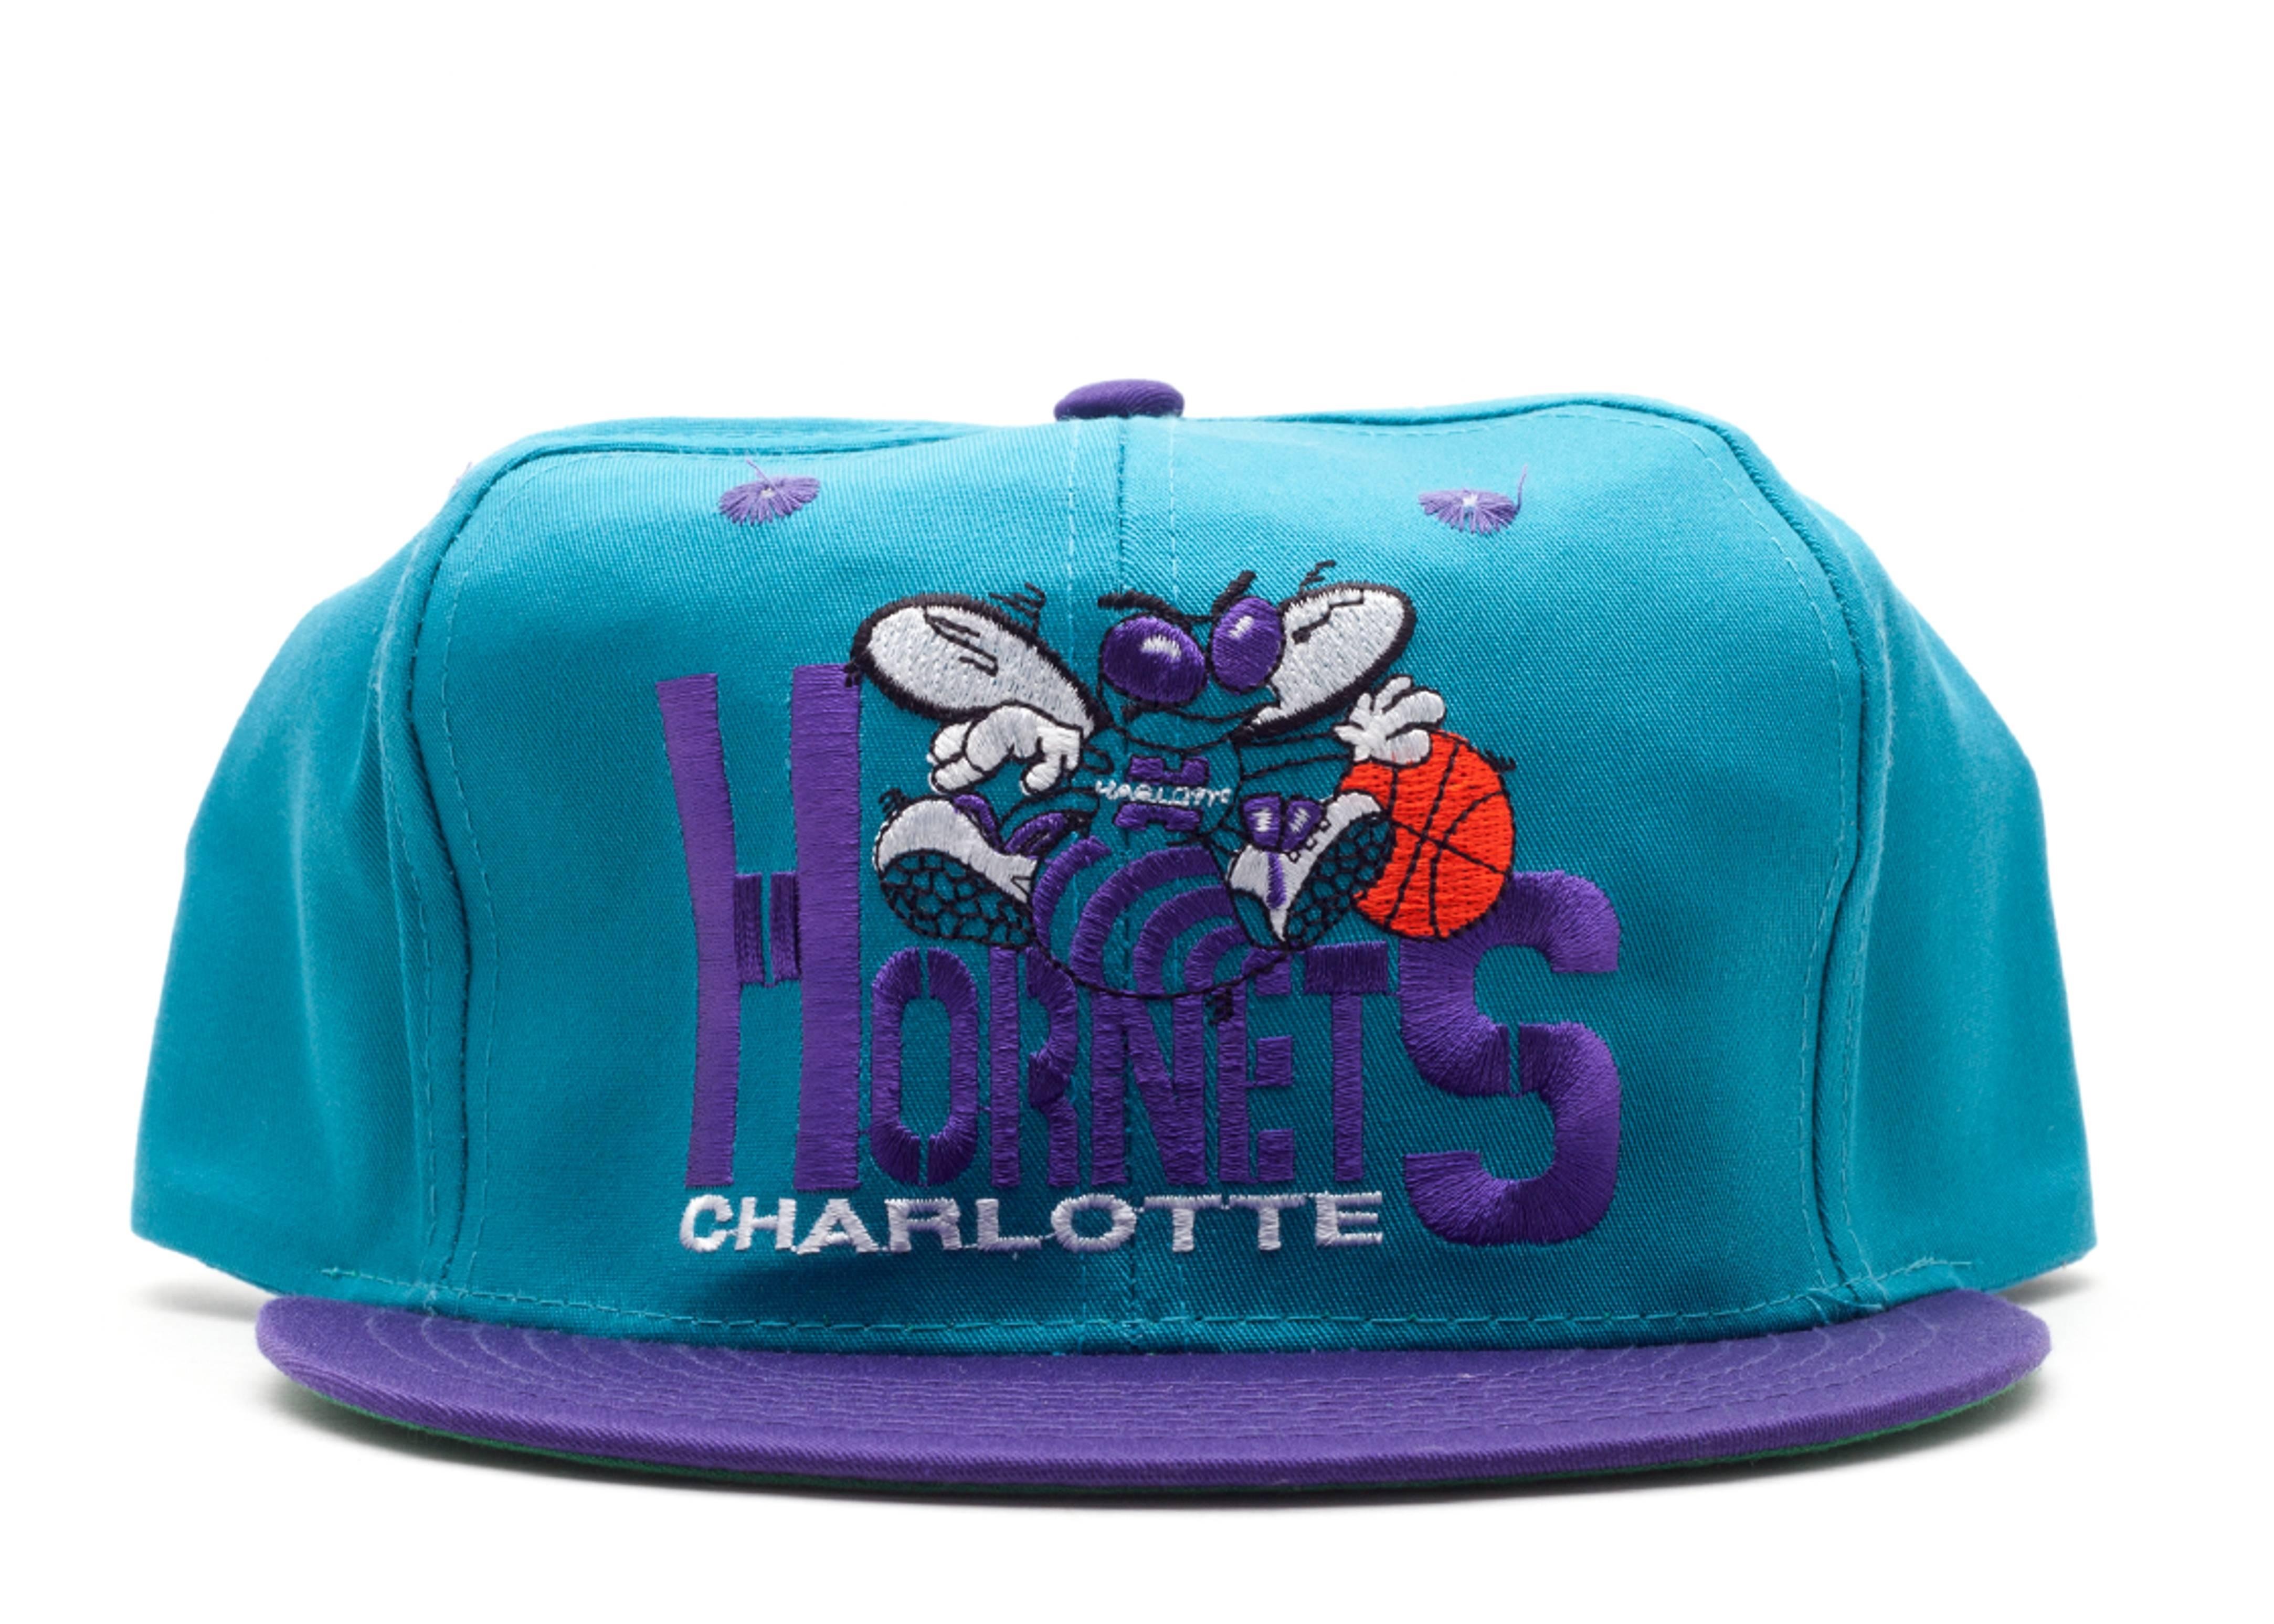 charlotte hornets retro snap-back